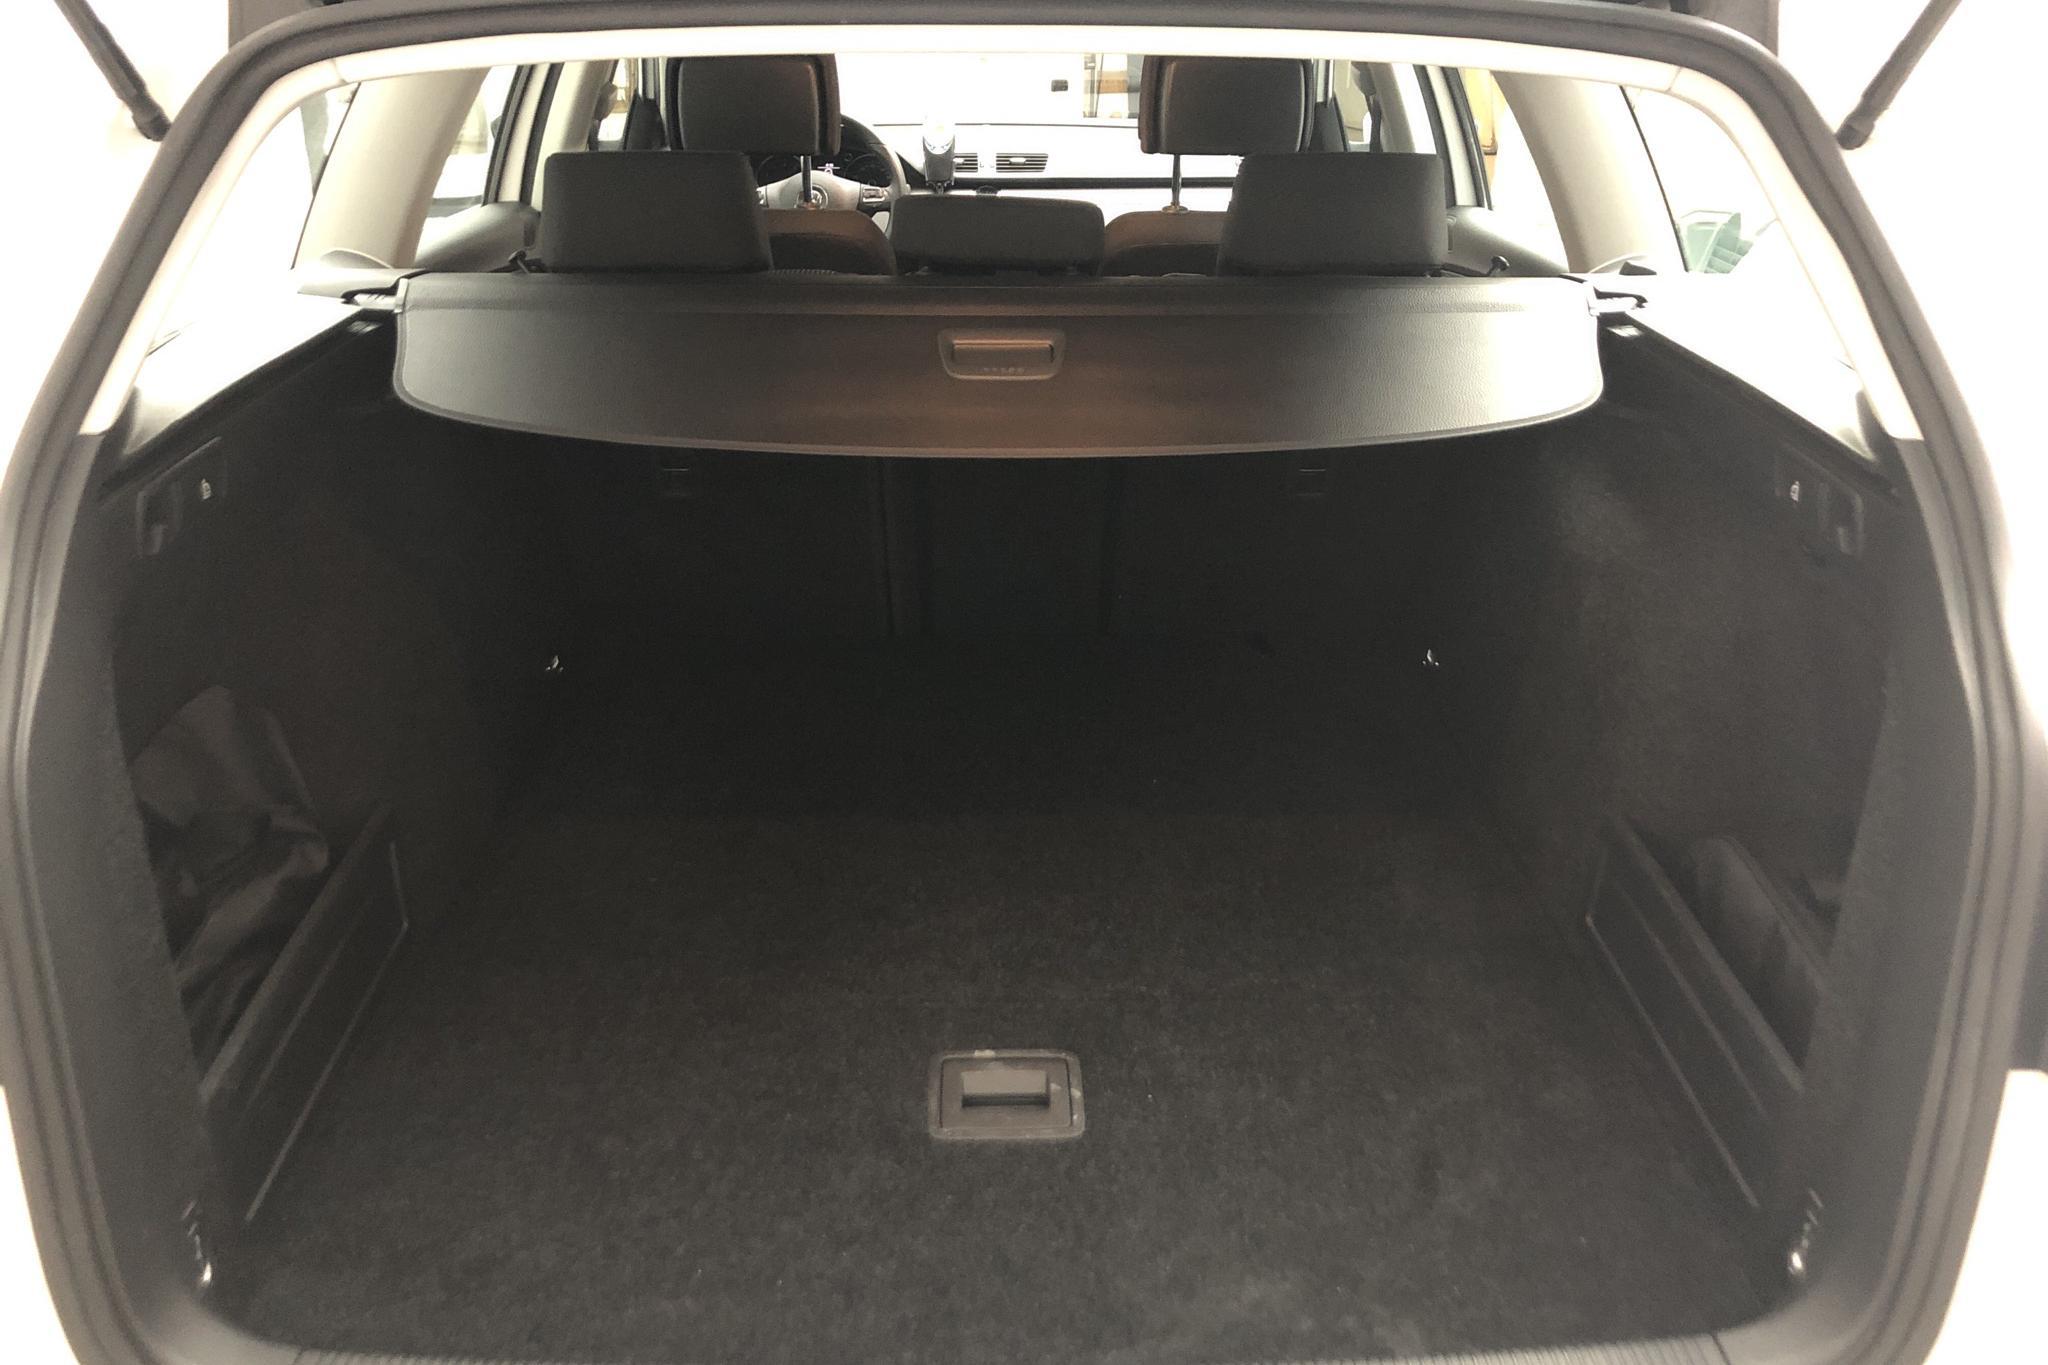 VW Passat 1.4 TSI EcoFuel Variant (150hk) - 97 990 km - Manual - white - 2012